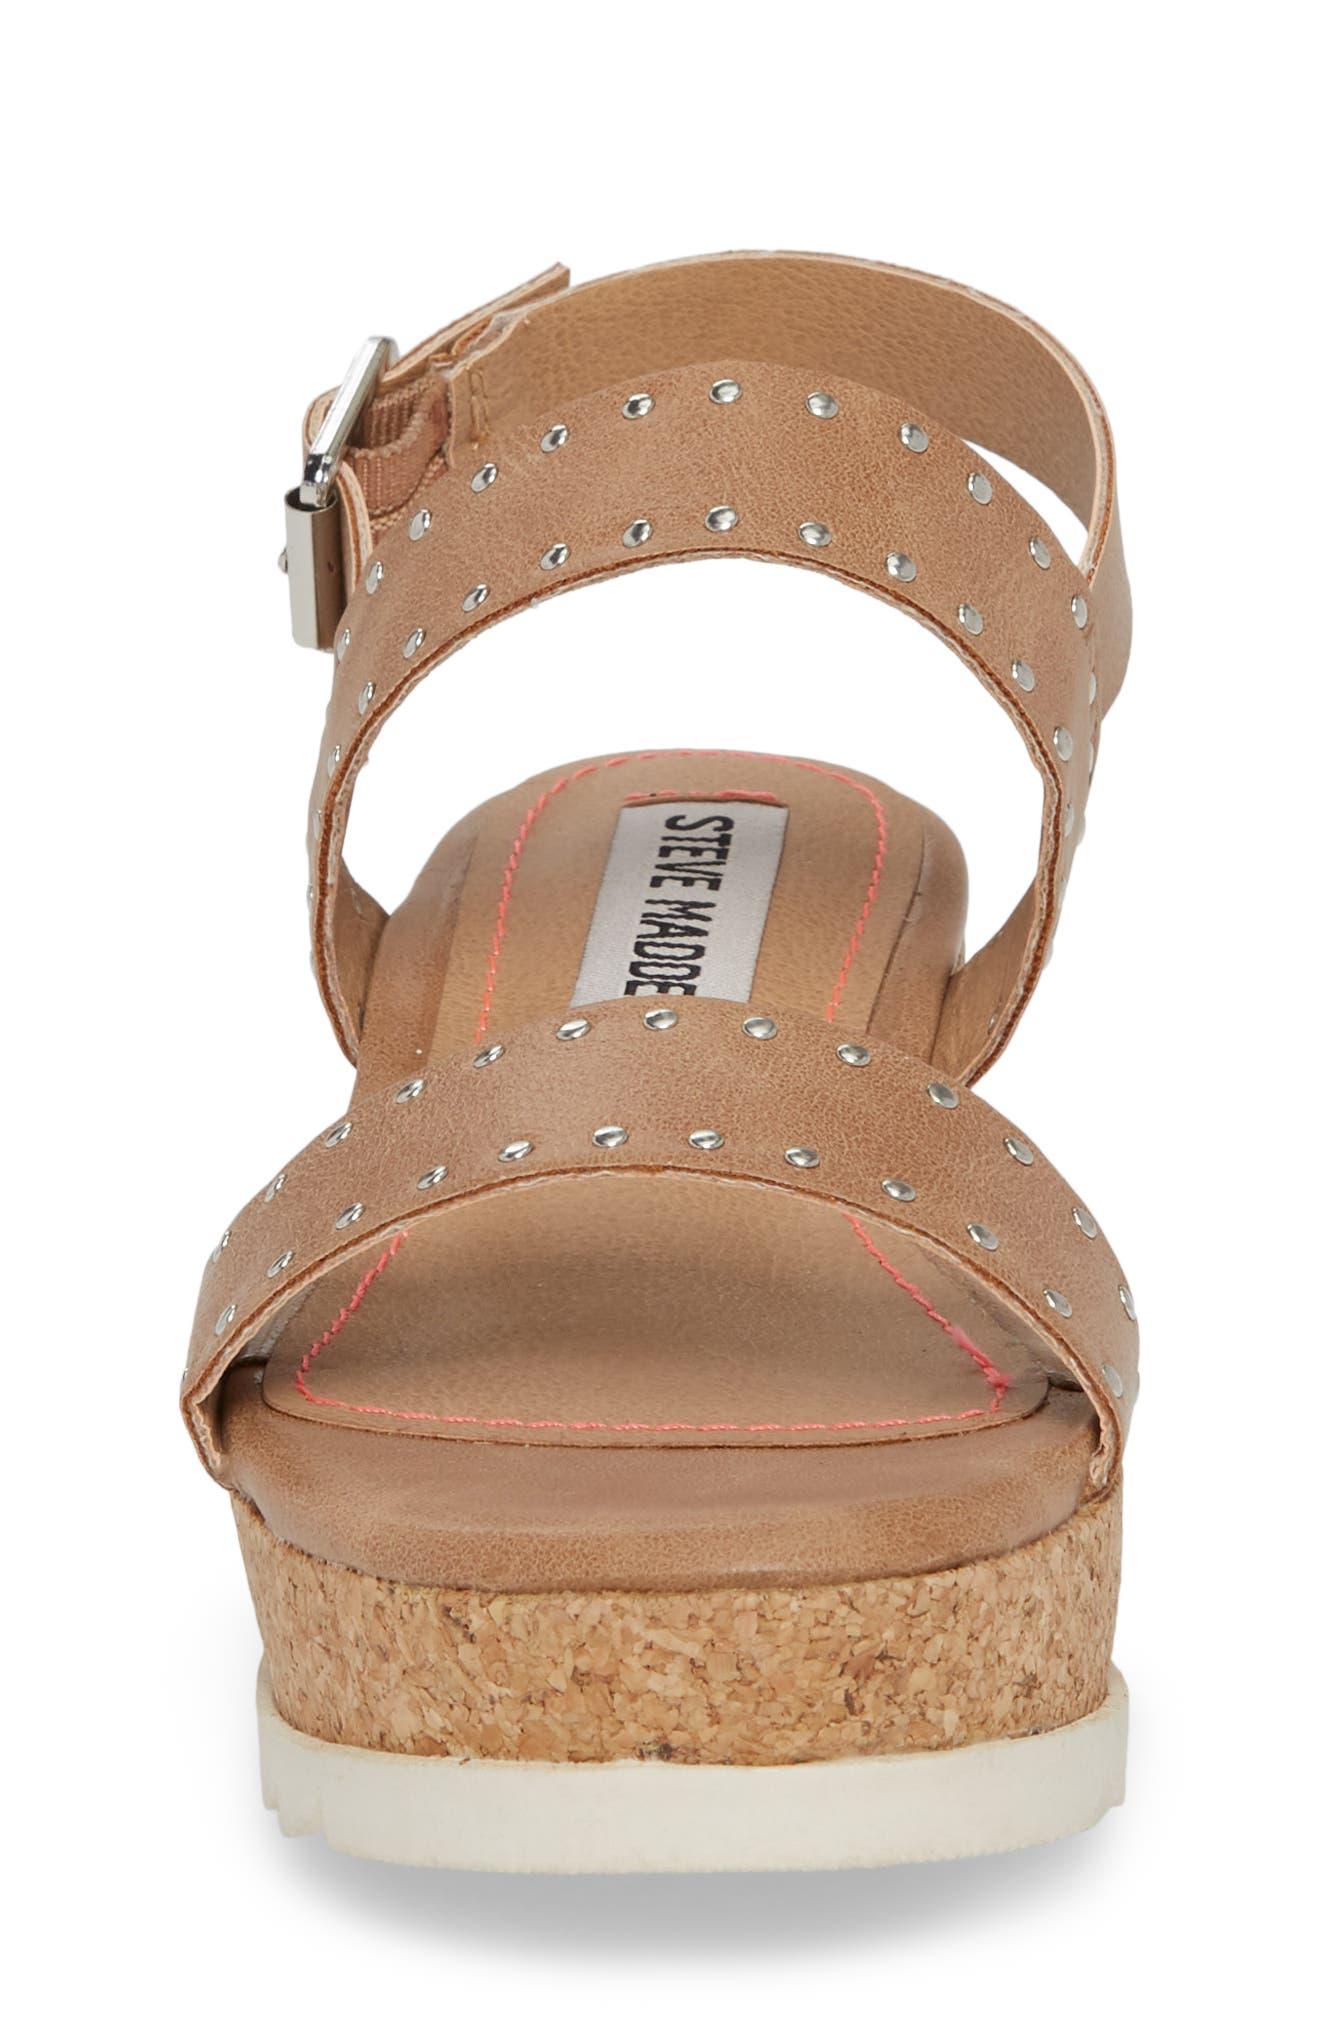 STEVE MADDEN,                             JKRISTIE Platform Sandal,                             Alternate thumbnail 4, color,                             200